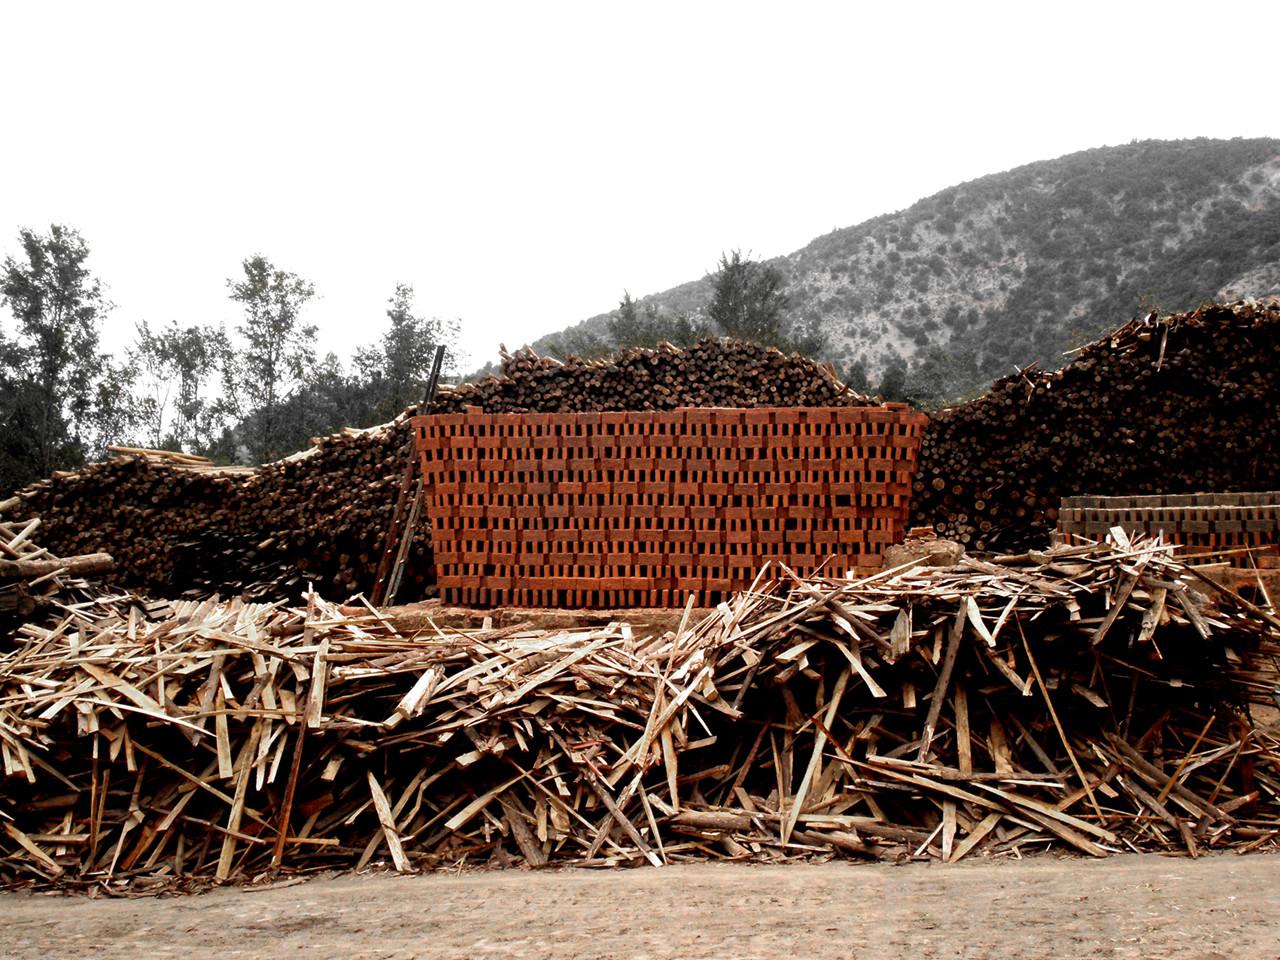 Horno de Ladrillo Artesanal Invertido: Invertir el paisaje para consolidar las tradiciones constructivas , © Diego Parra Oyarzún